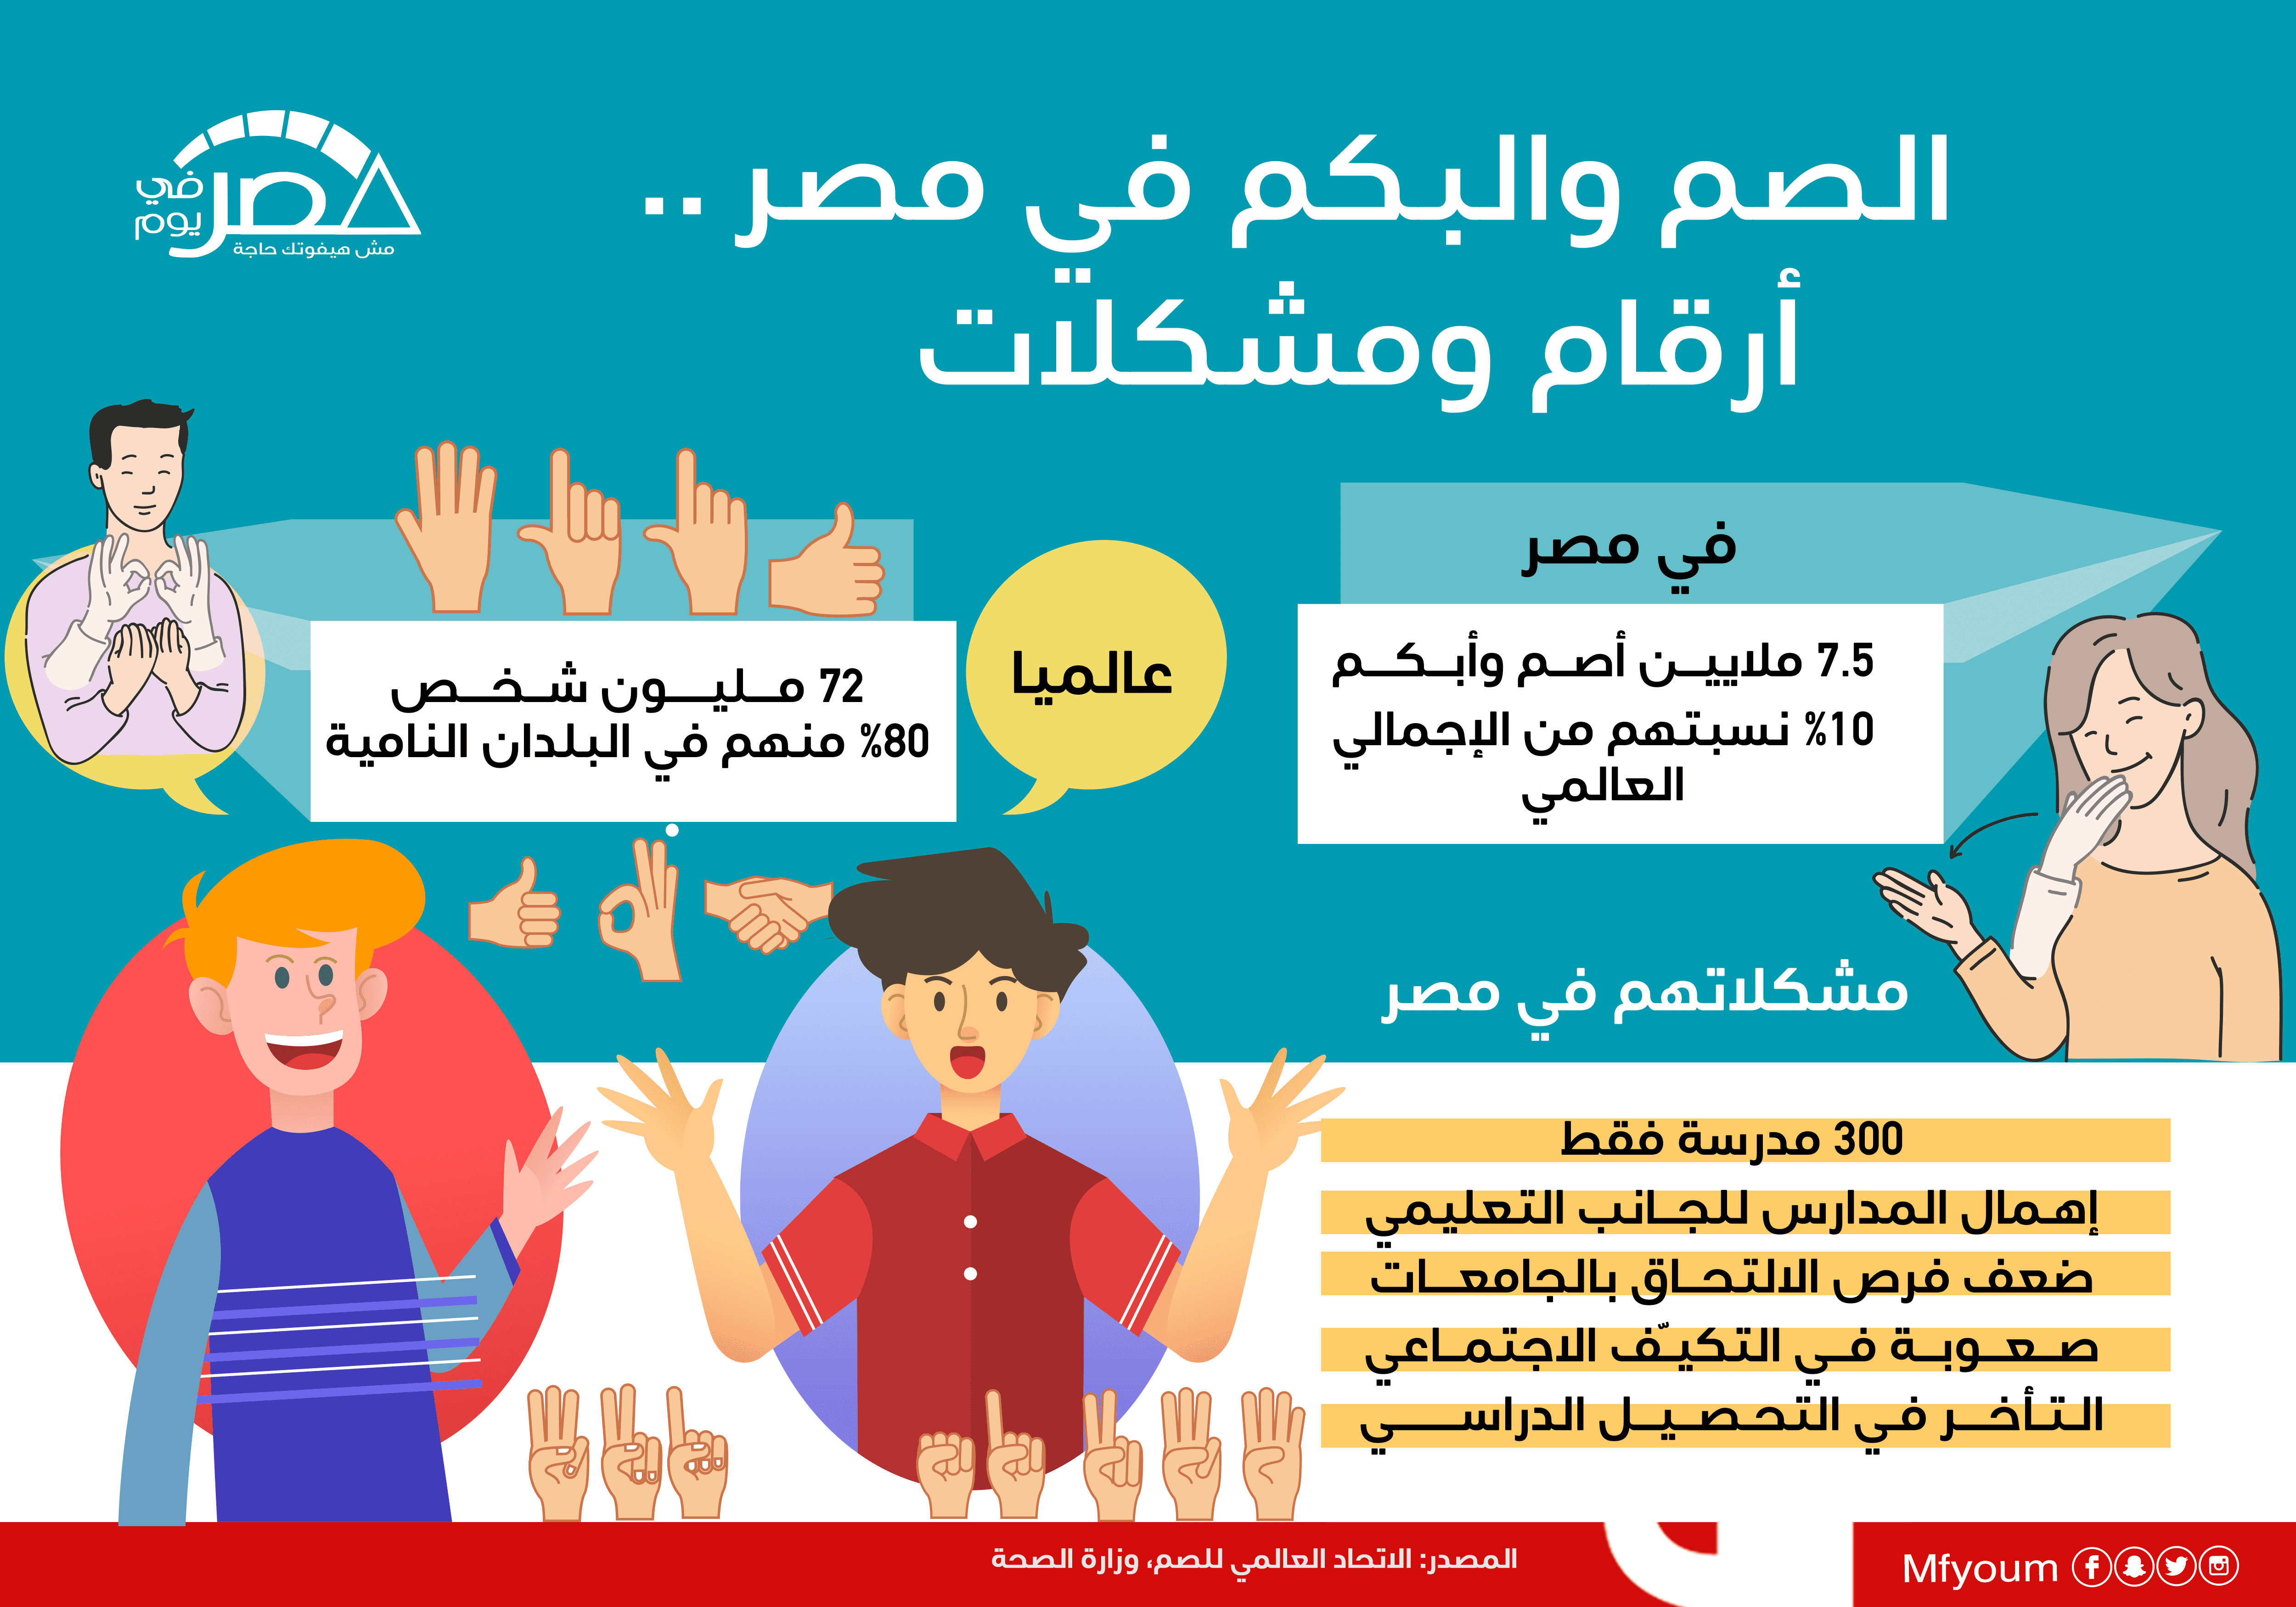 الصم والبكم في مصر.. أرقام ومشكلات (إنفوجراف)